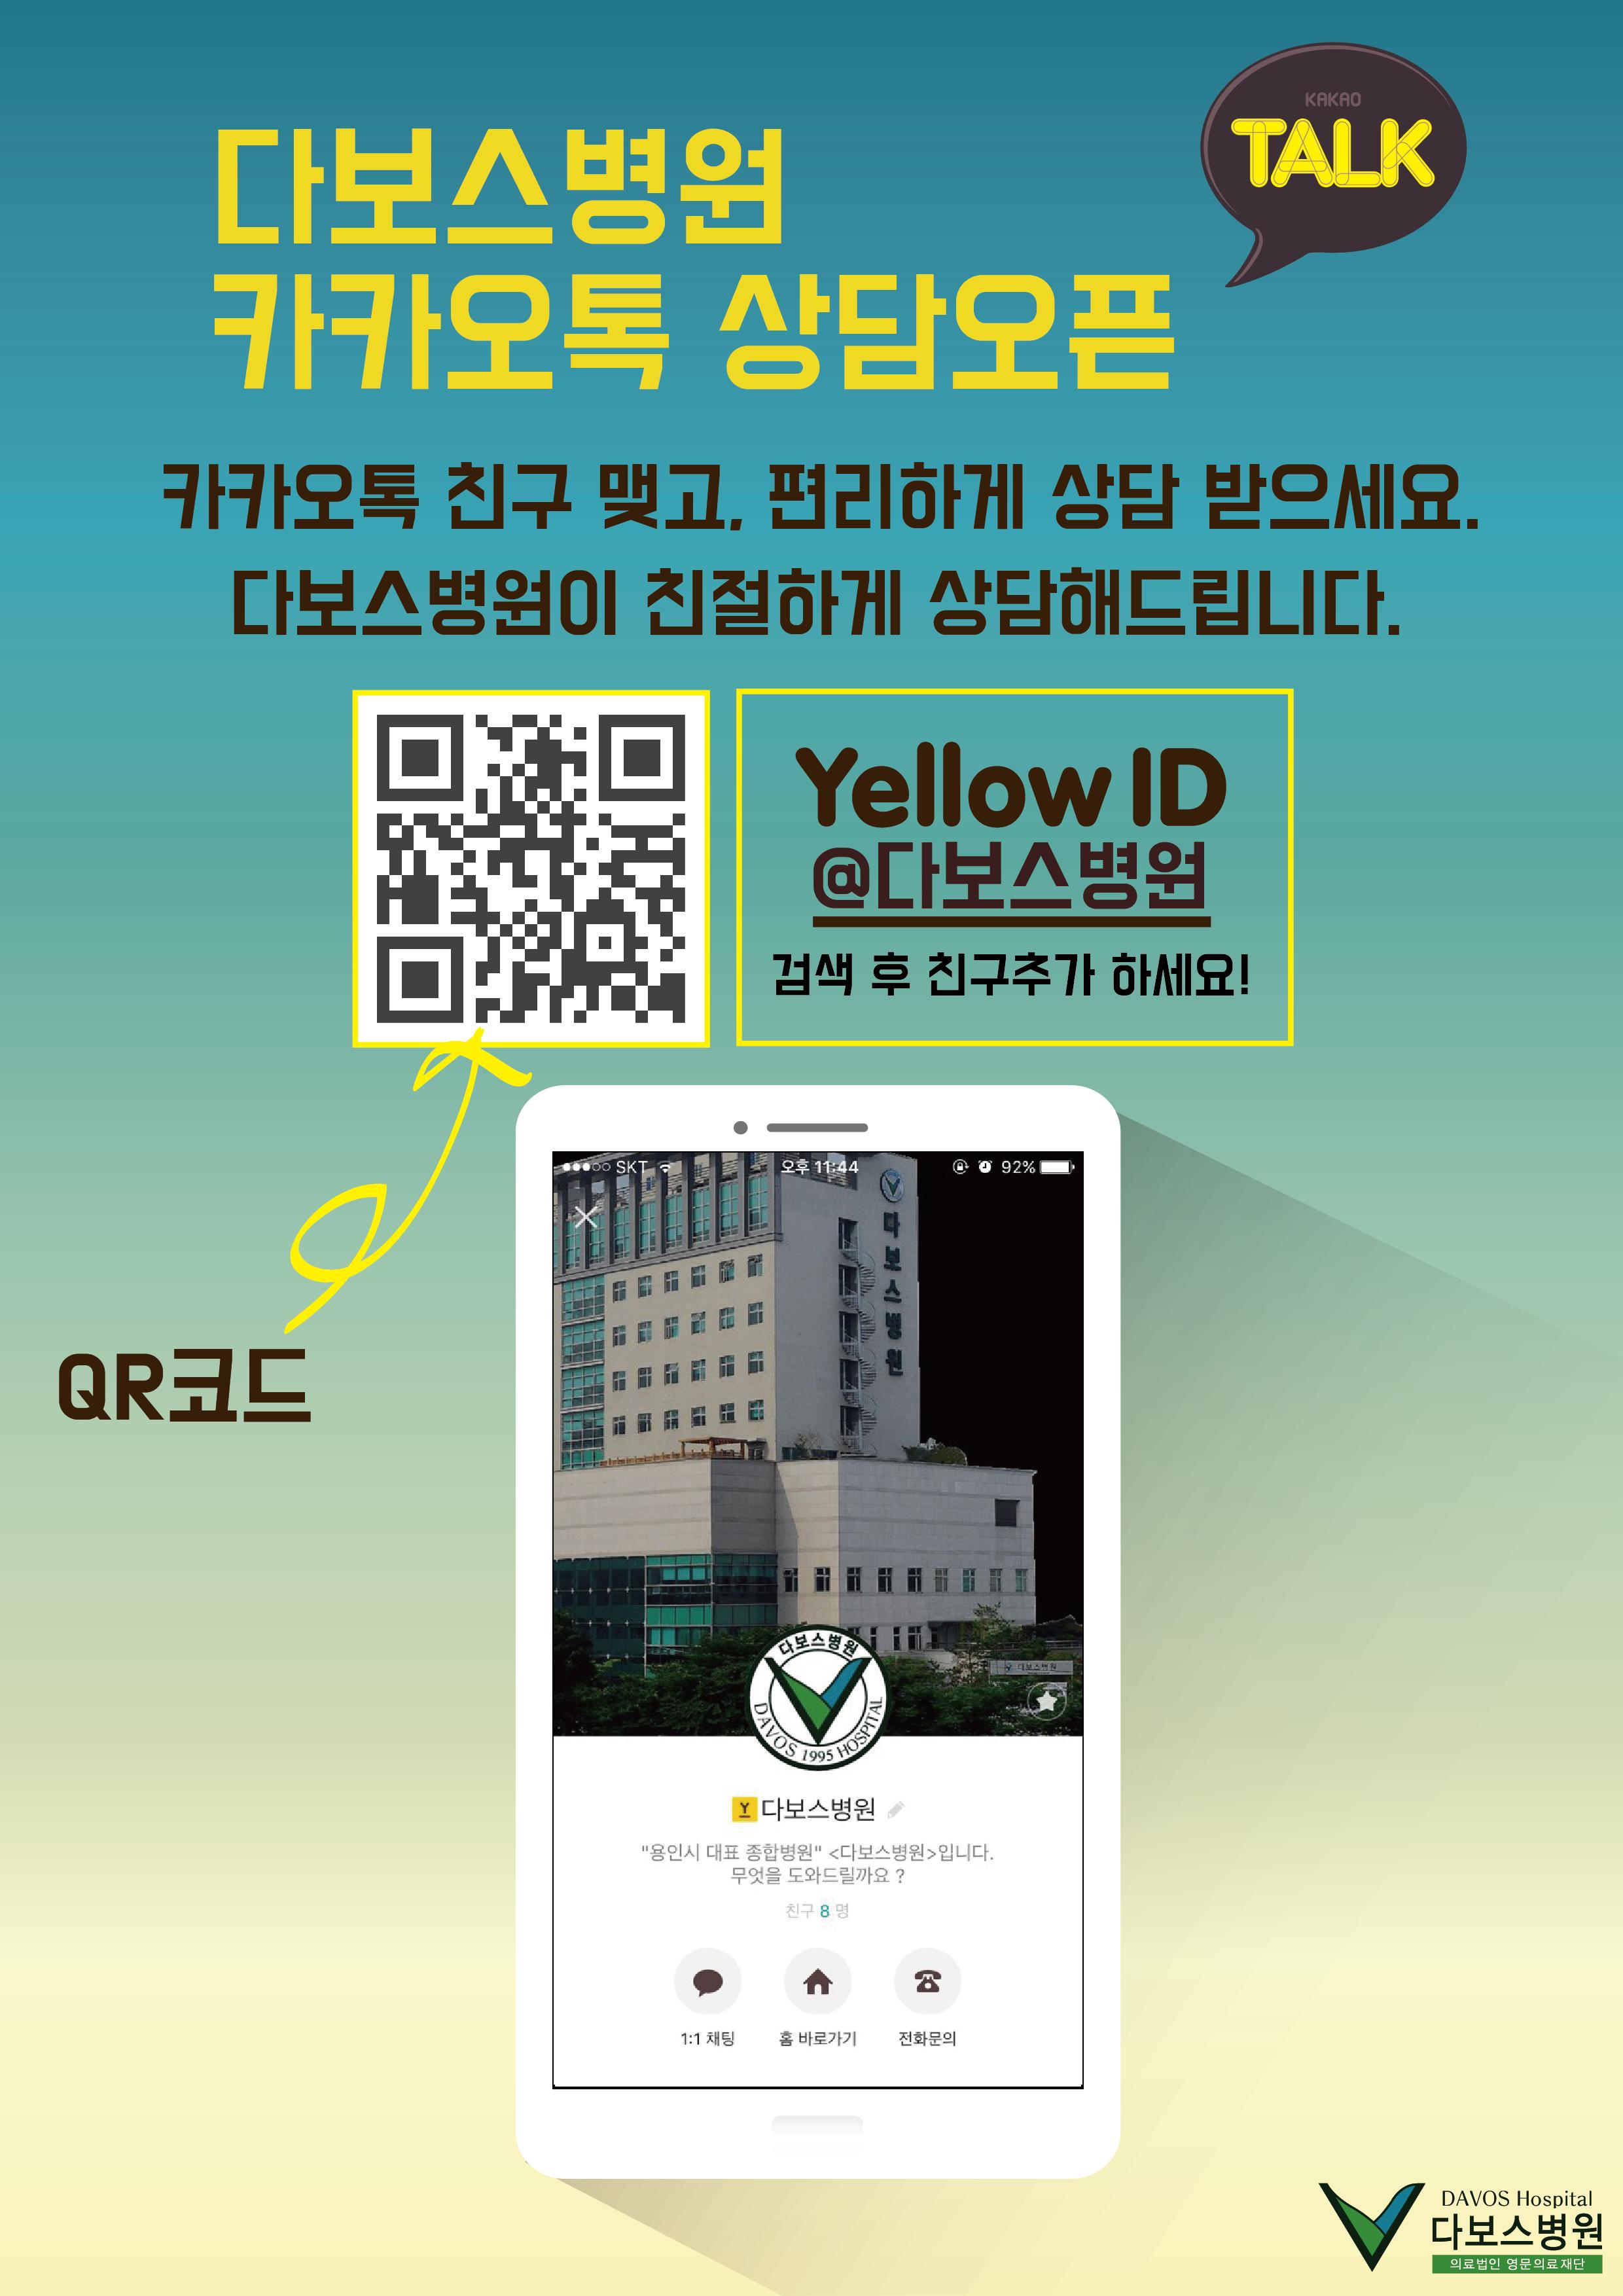 20170306_카카오톡 상담오픈 포스터.png